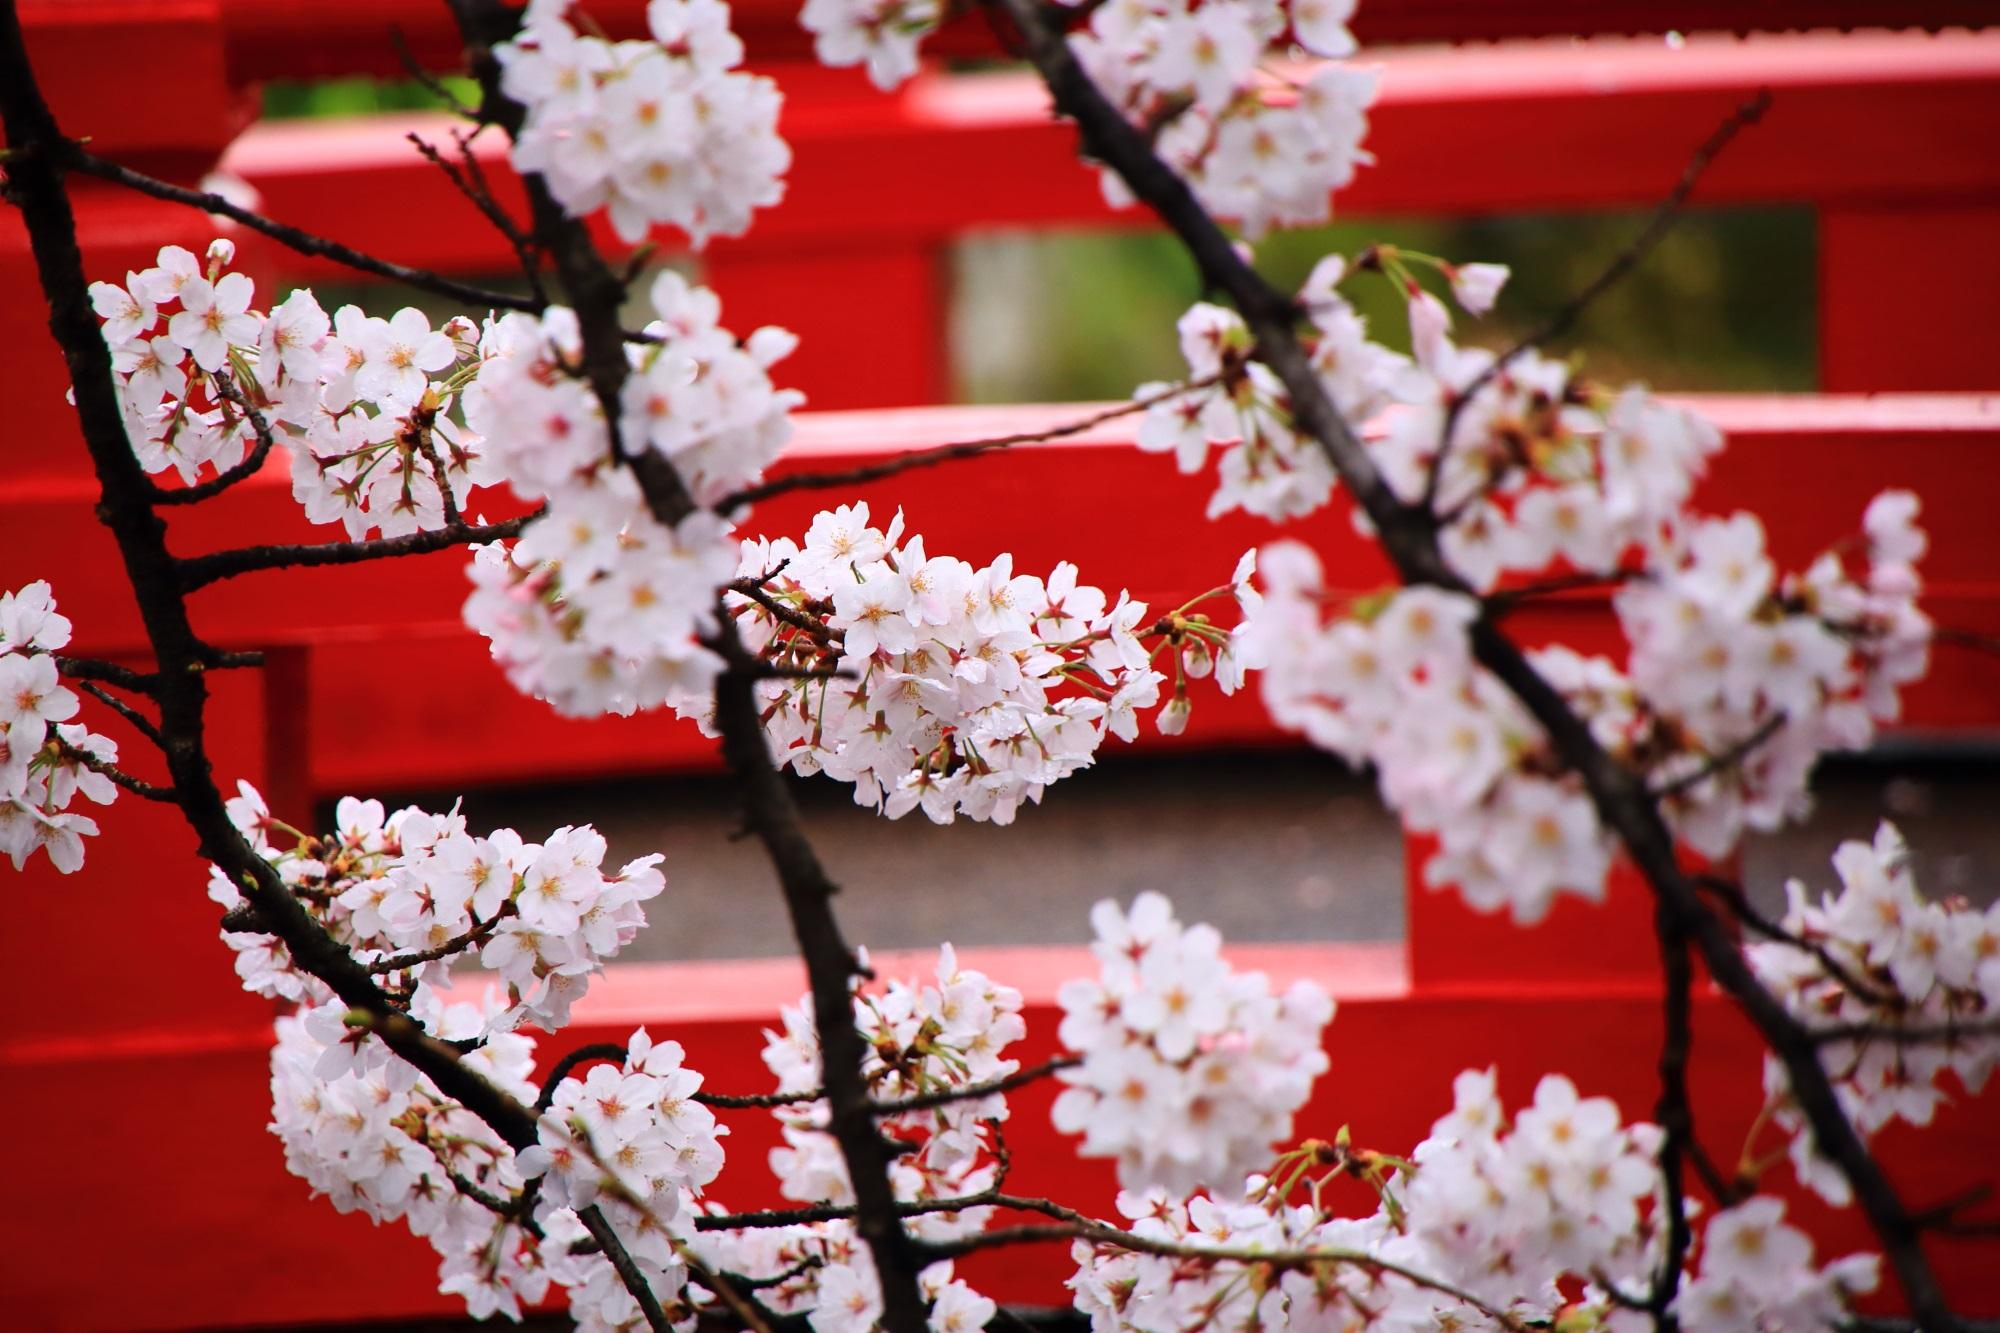 赤い欄干を背景にして上品に咲く桜